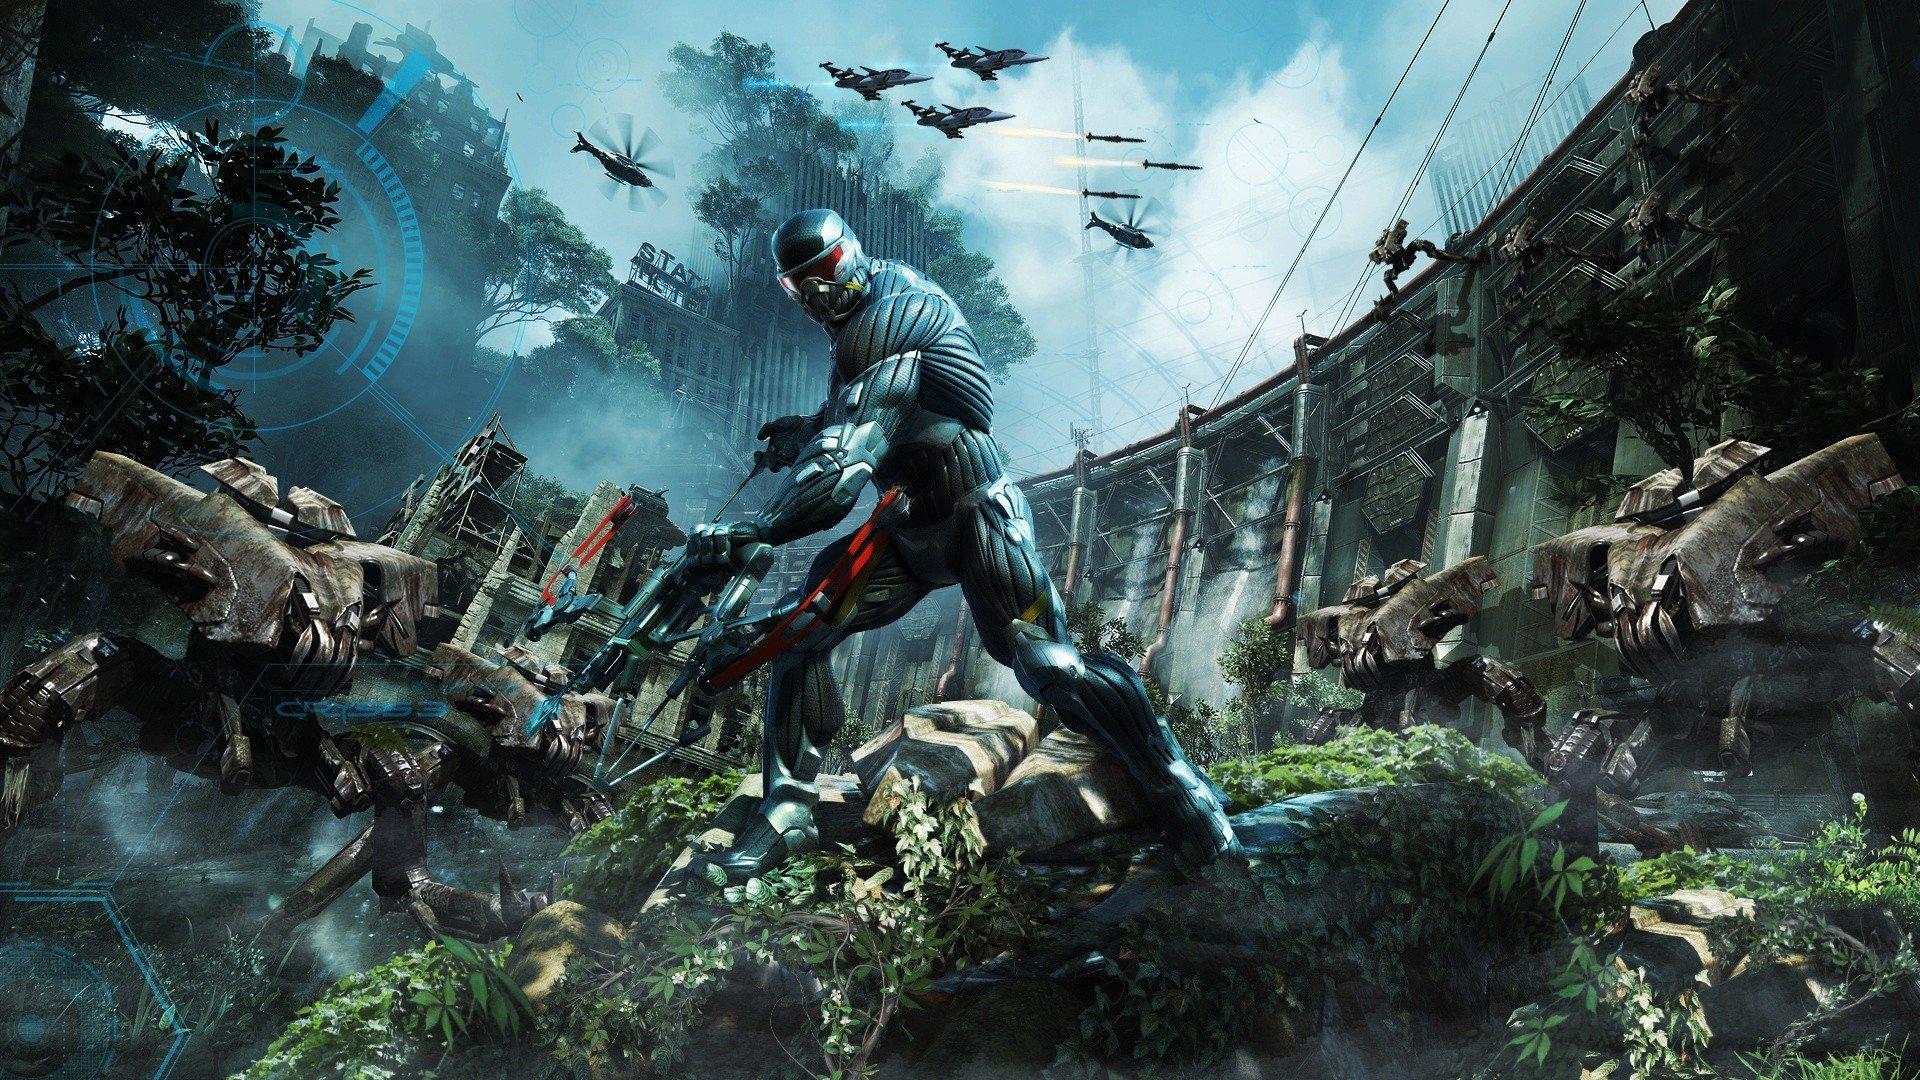 Фанаты выпустили Crysis с динозаврами и птеродактилями, которую можно скачать бесплатно на PC